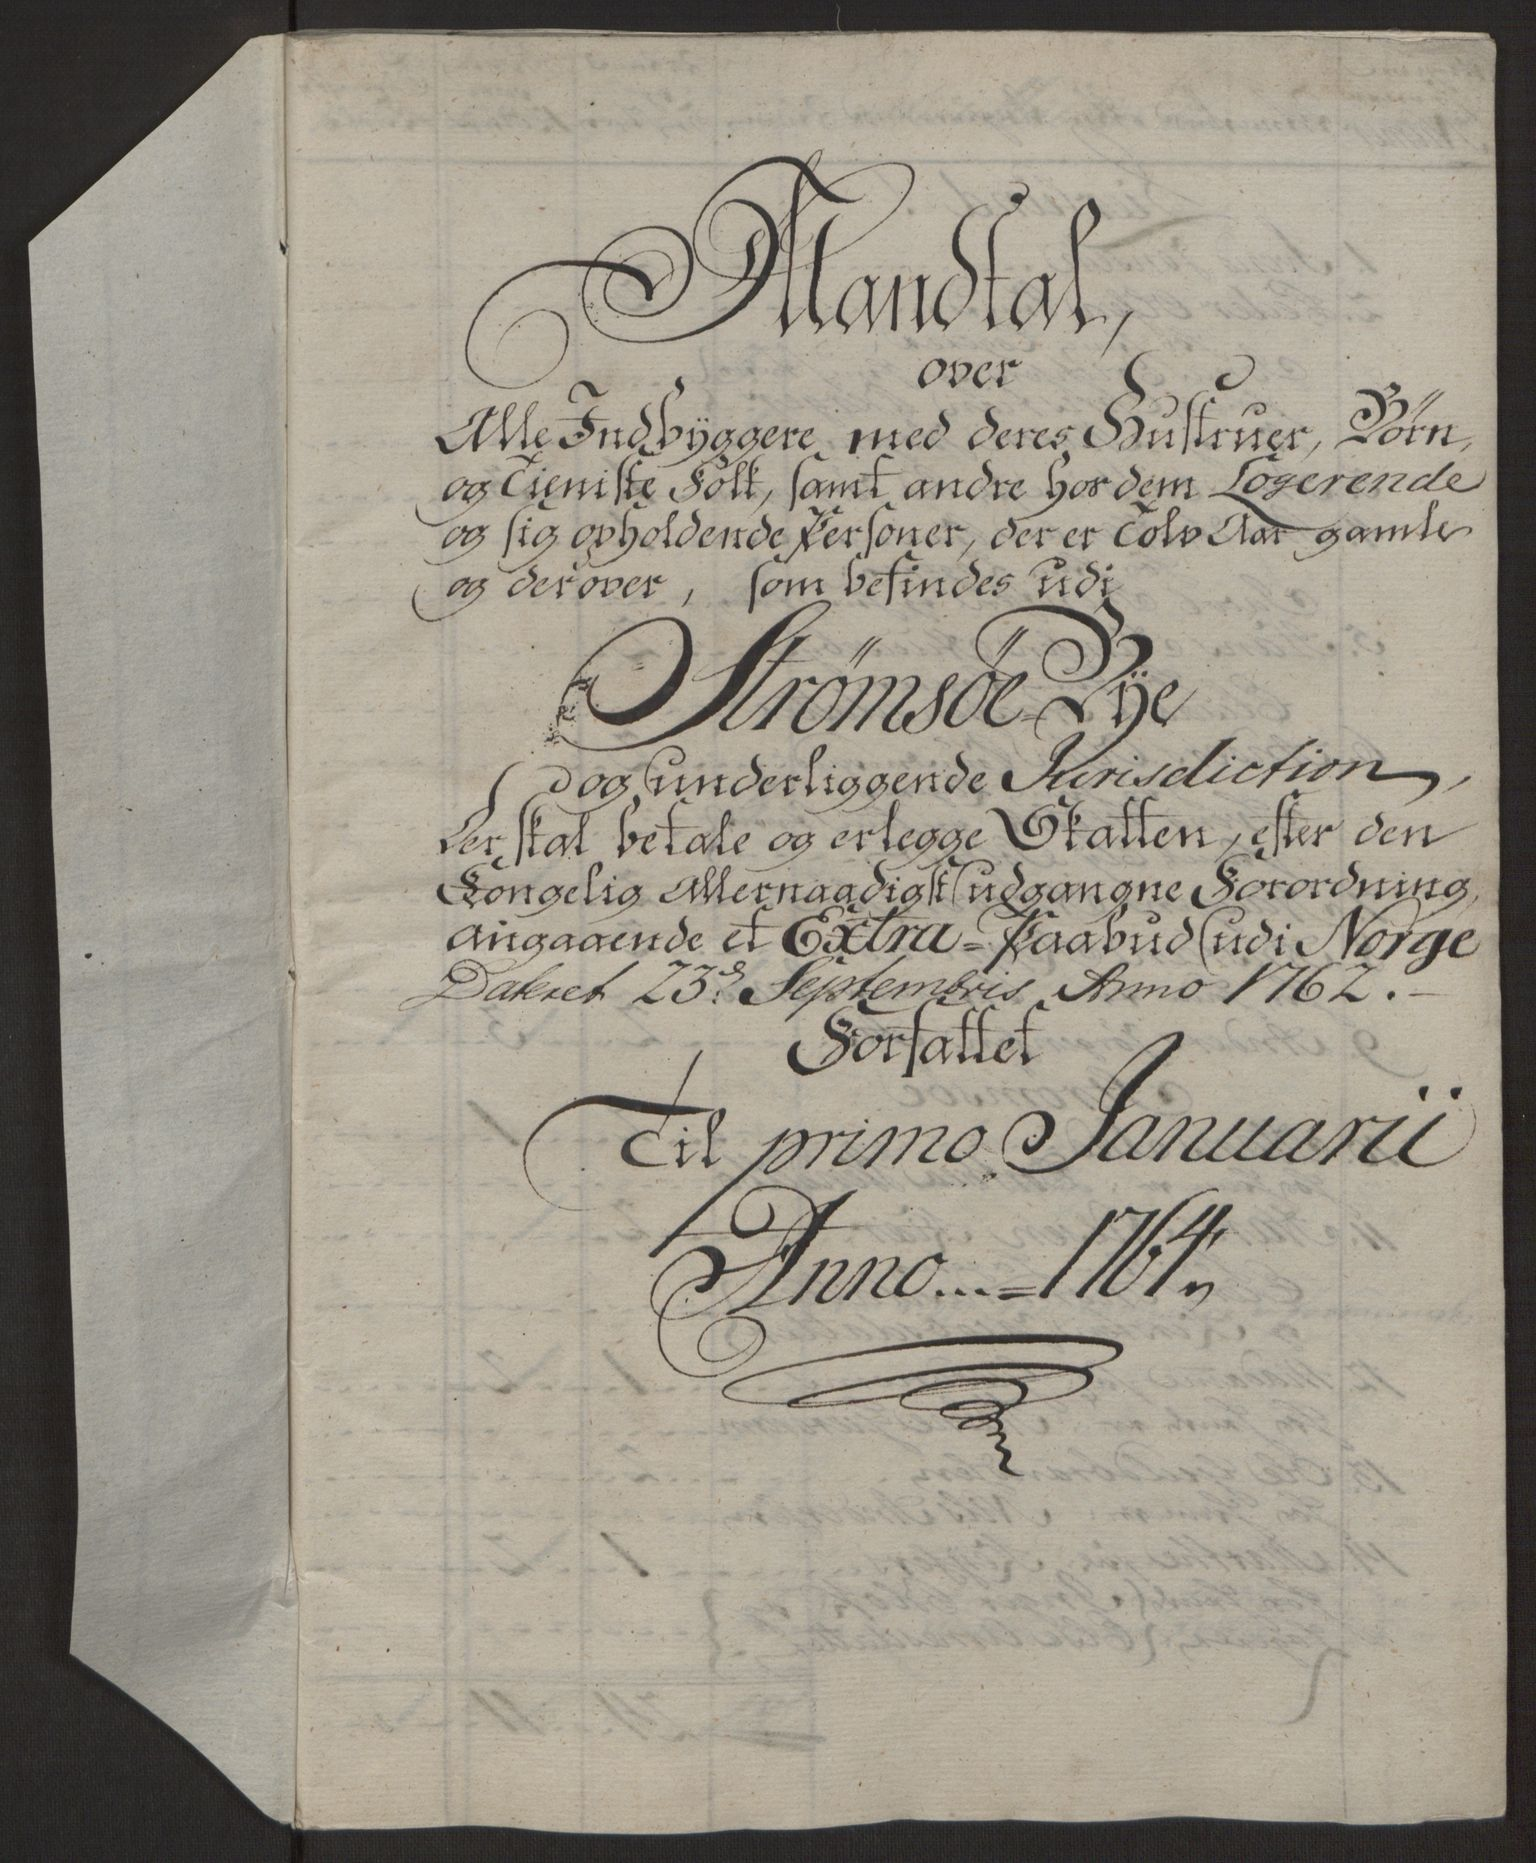 RA, Rentekammeret inntil 1814, Reviderte regnskaper, Byregnskaper, R/Rg/L0144: [G4] Kontribusjonsregnskap, 1762-1767, s. 205